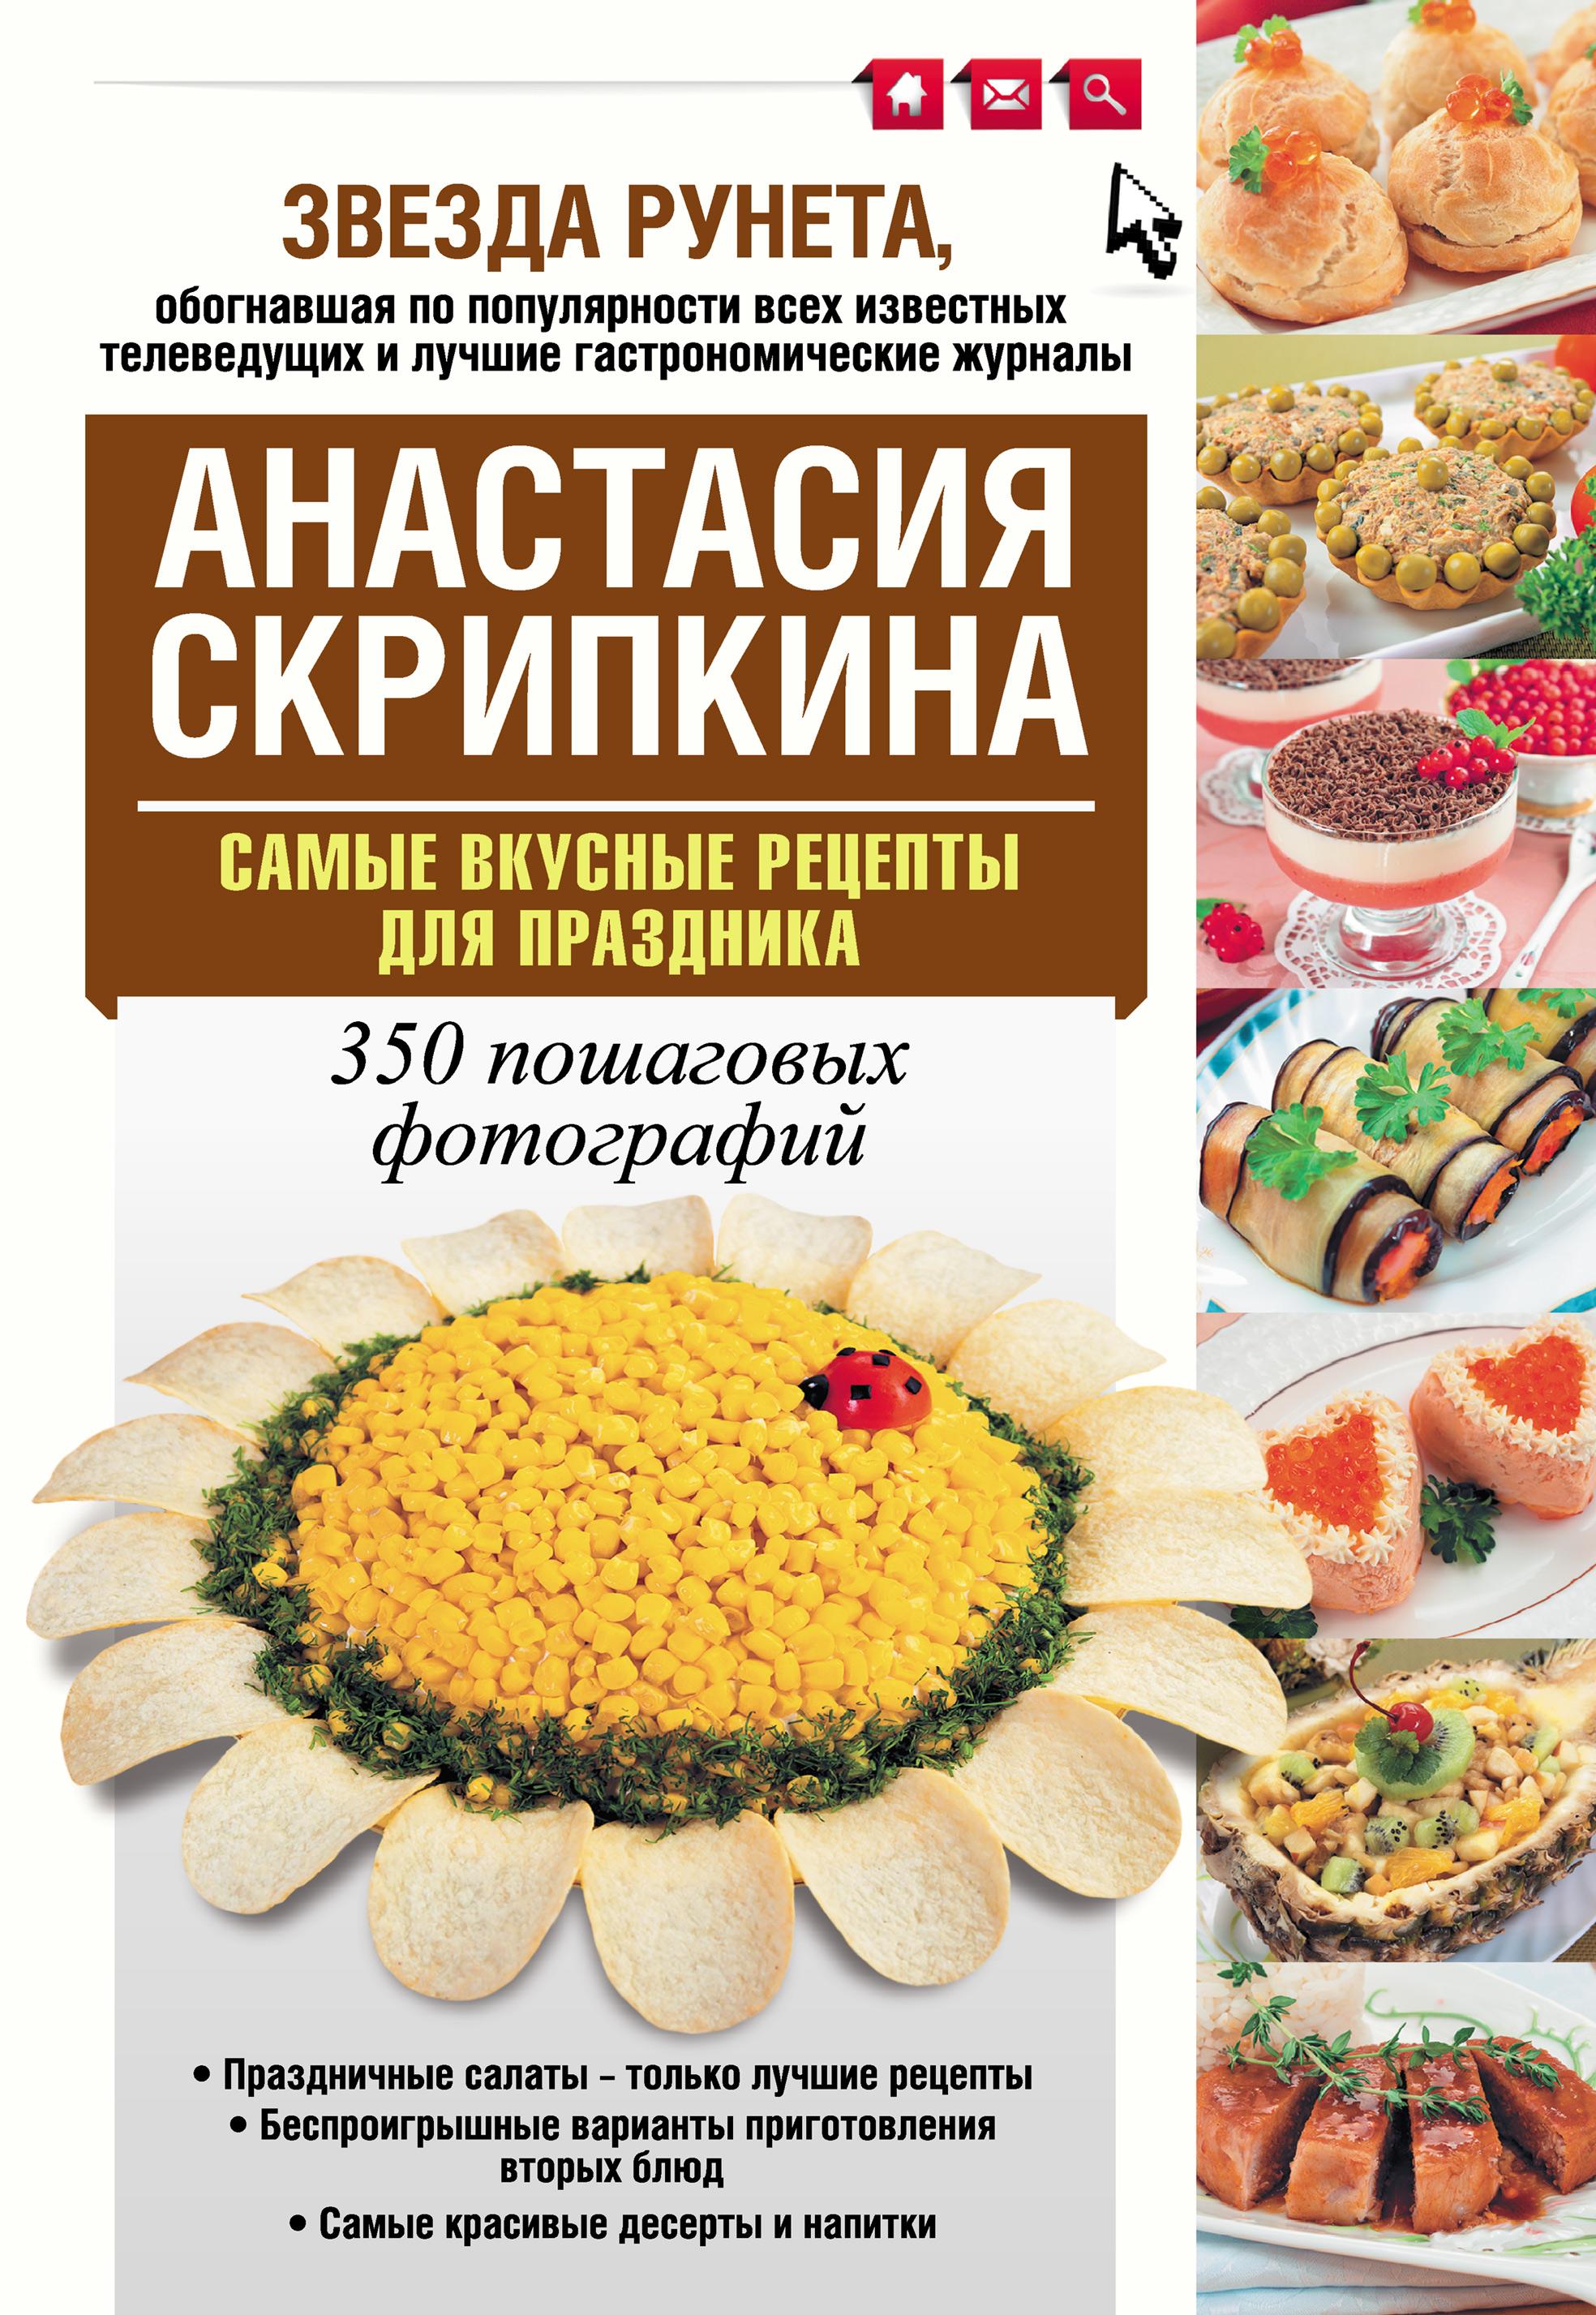 Анастасия Скрипкина Самые вкусные рецепты для праздника нина борисова пасхальный стол самые вкусные угощения кулинарные рецепты